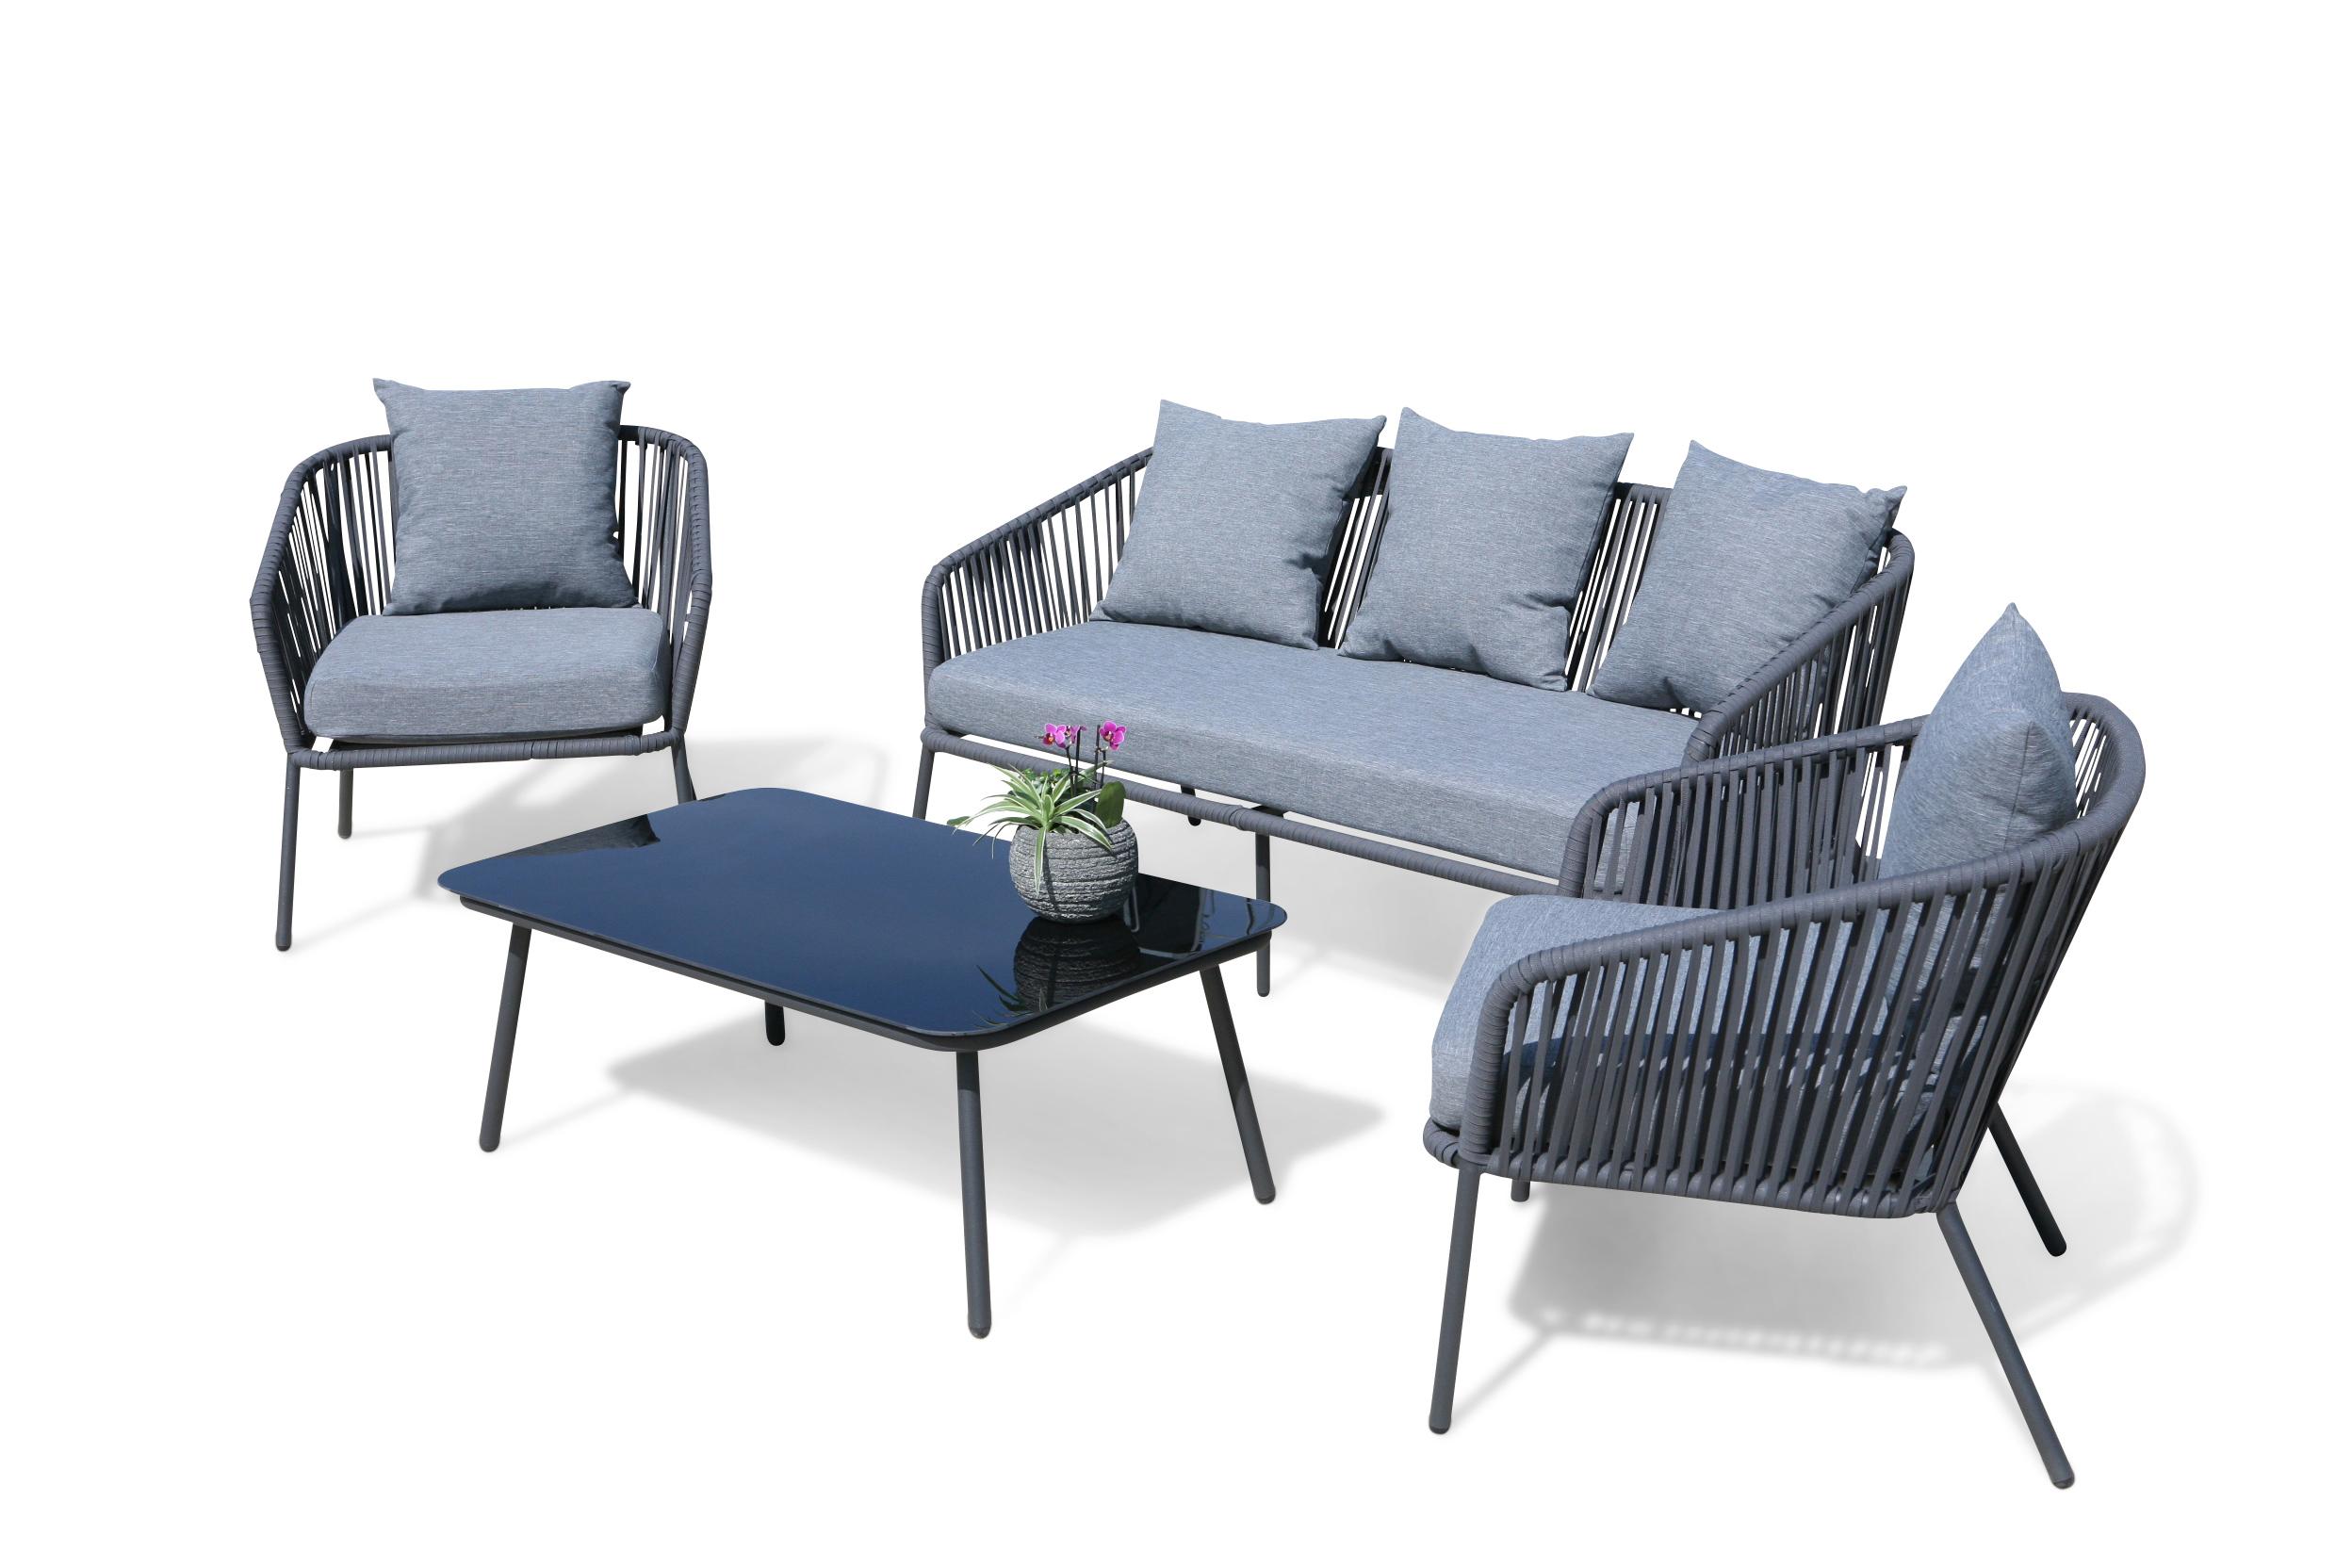 Full Size of Loungemöbel Aluminium Lounge Sitzgruppe 4 Teilig Mit Dicken Kissen Garten Holz Günstig Verbundplatte Küche Fenster Wohnzimmer Loungemöbel Aluminium